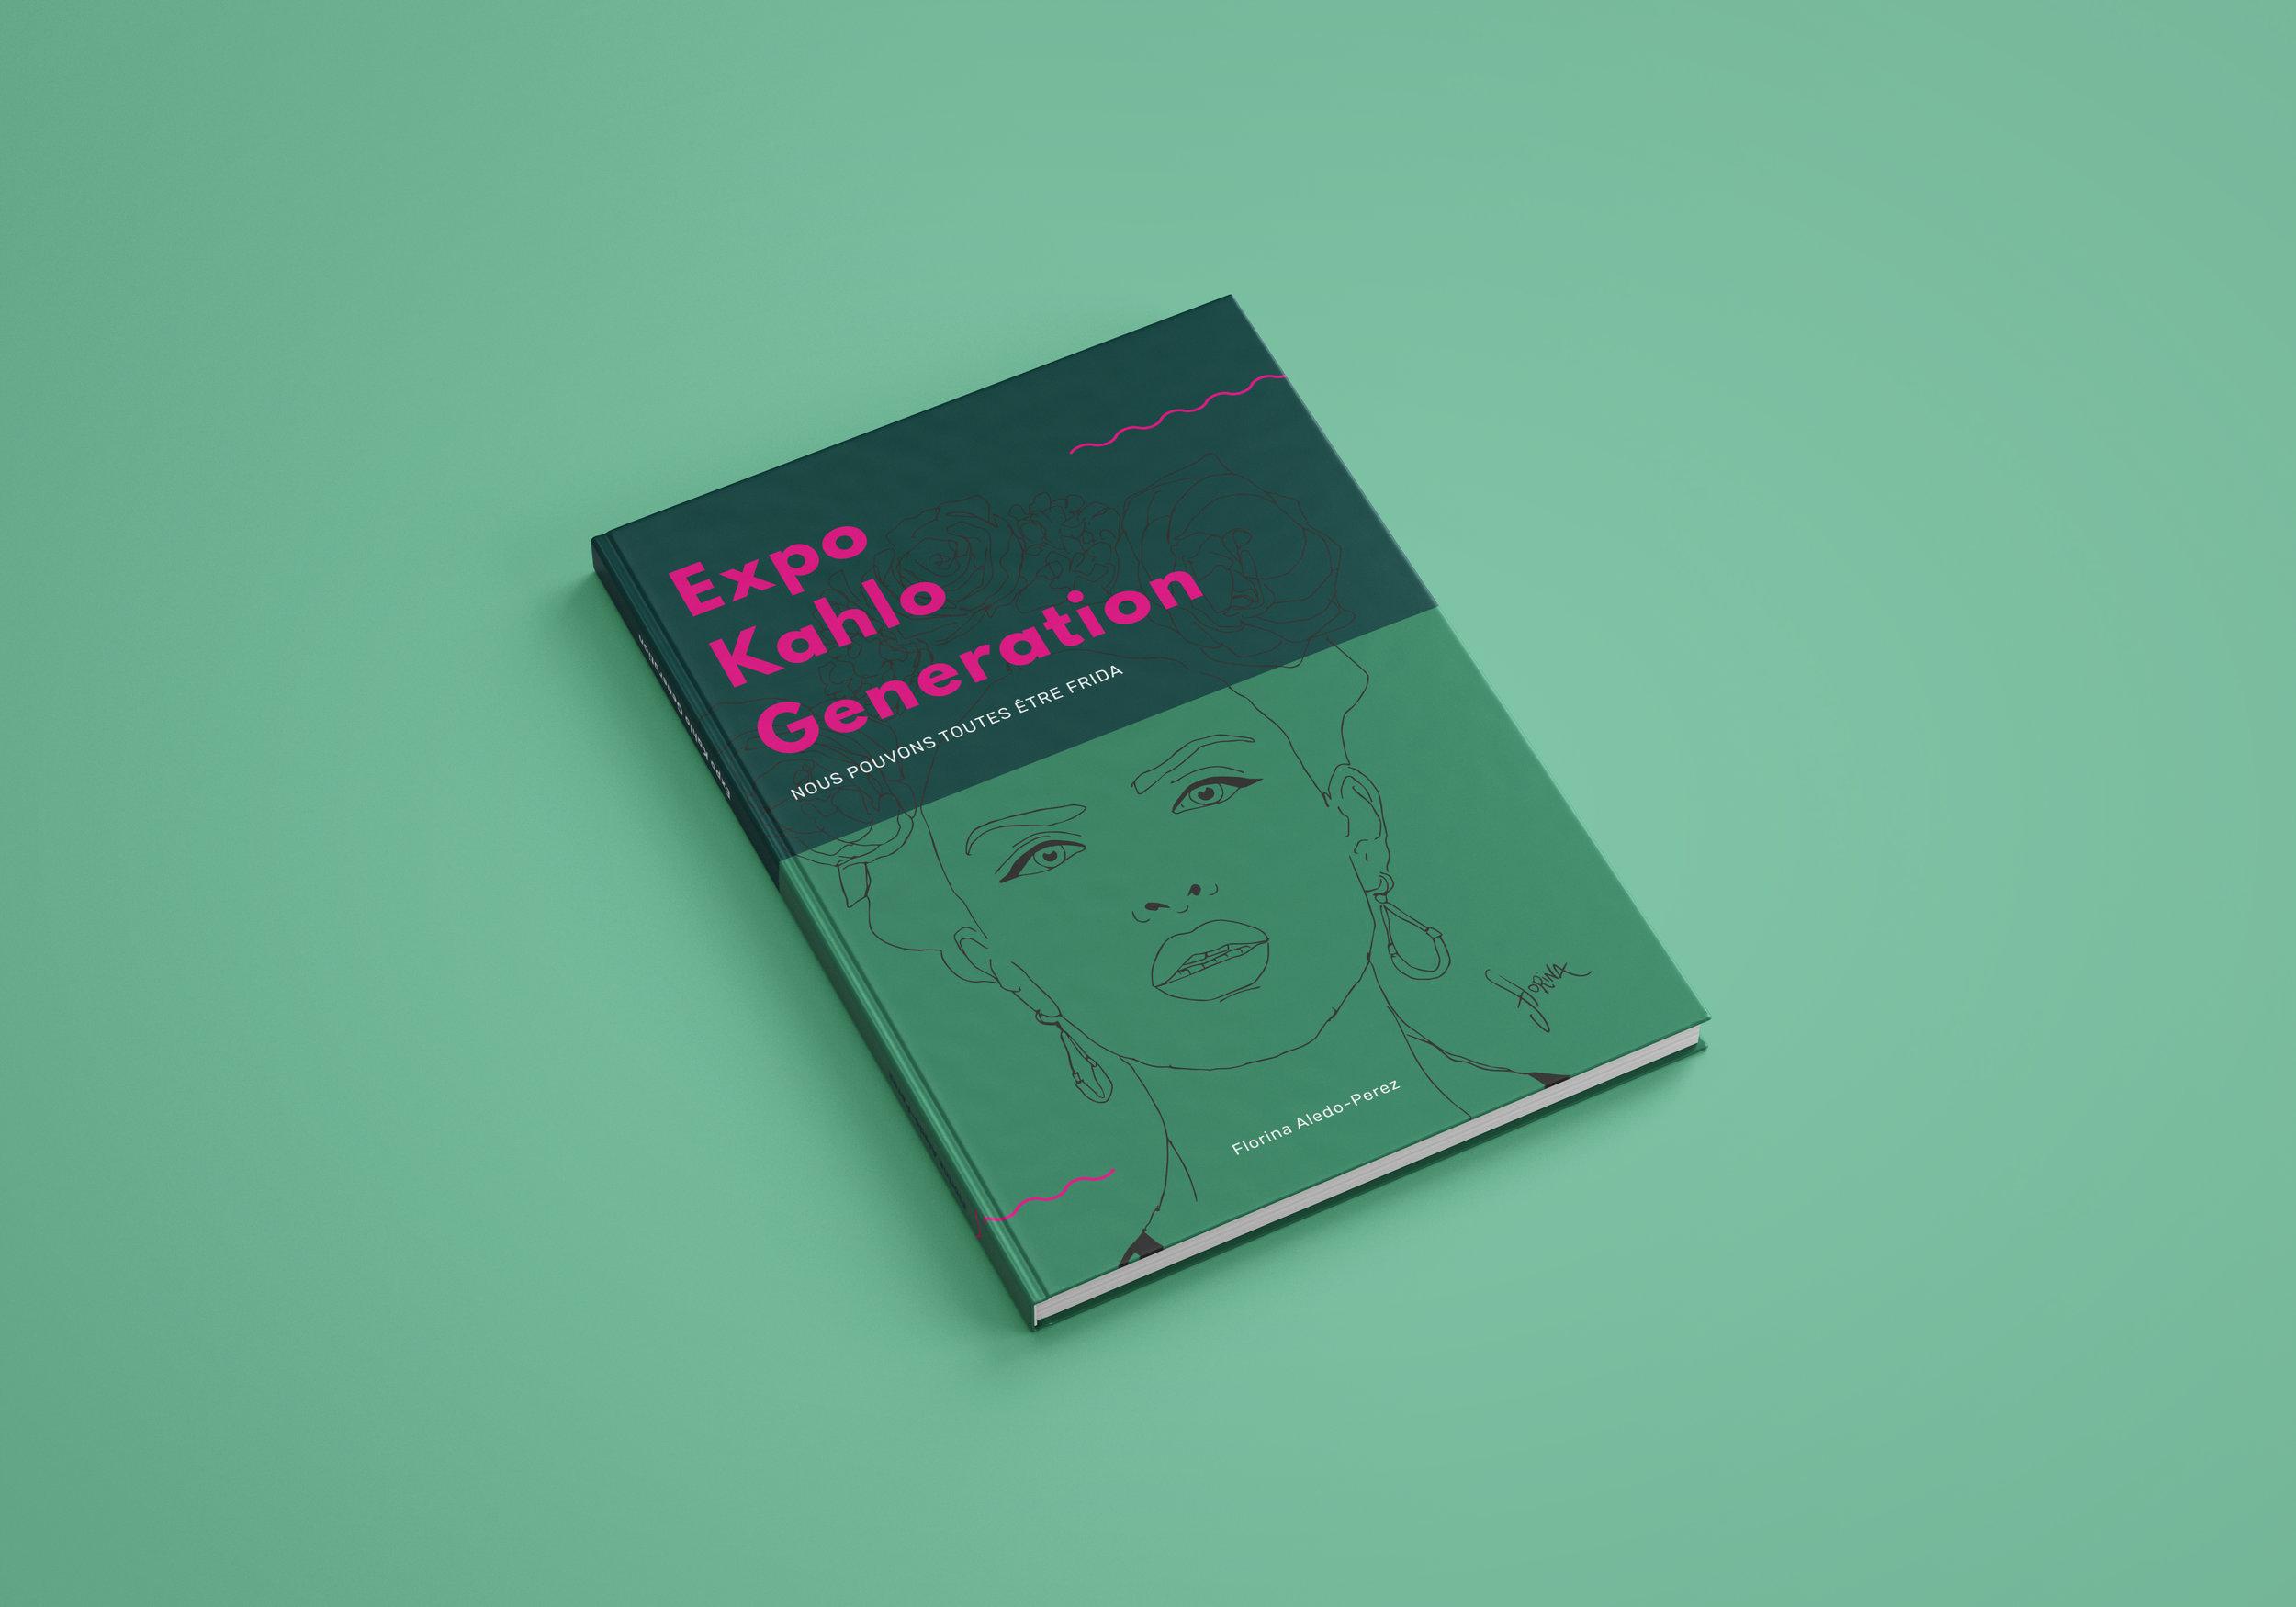 Generationkahlo-book.jpg